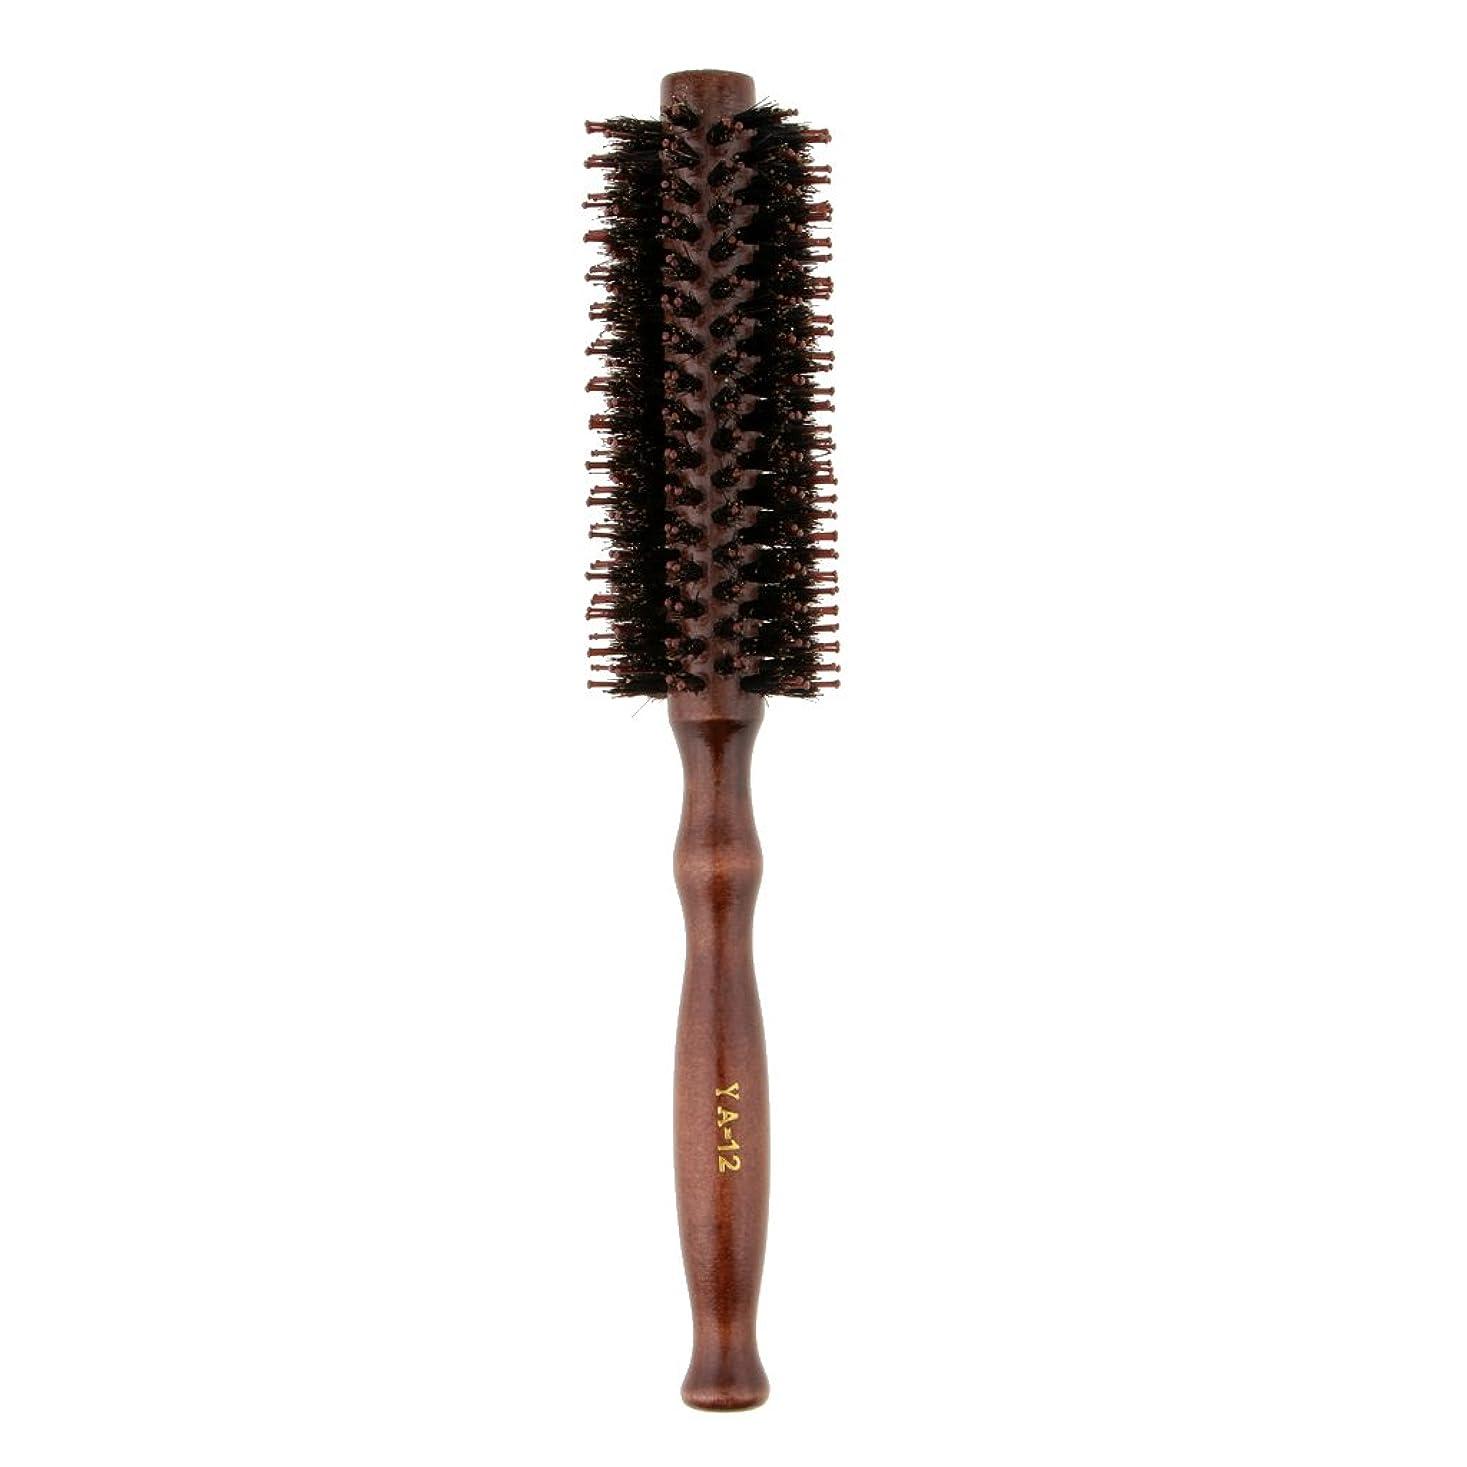 国著作権ドールFenteer ロールブラシ ヘアブラシ 木製ハンドル 滑らか 仕上げ 速乾性 軽量 理髪 美容 カール 2タイプ選べる - #2